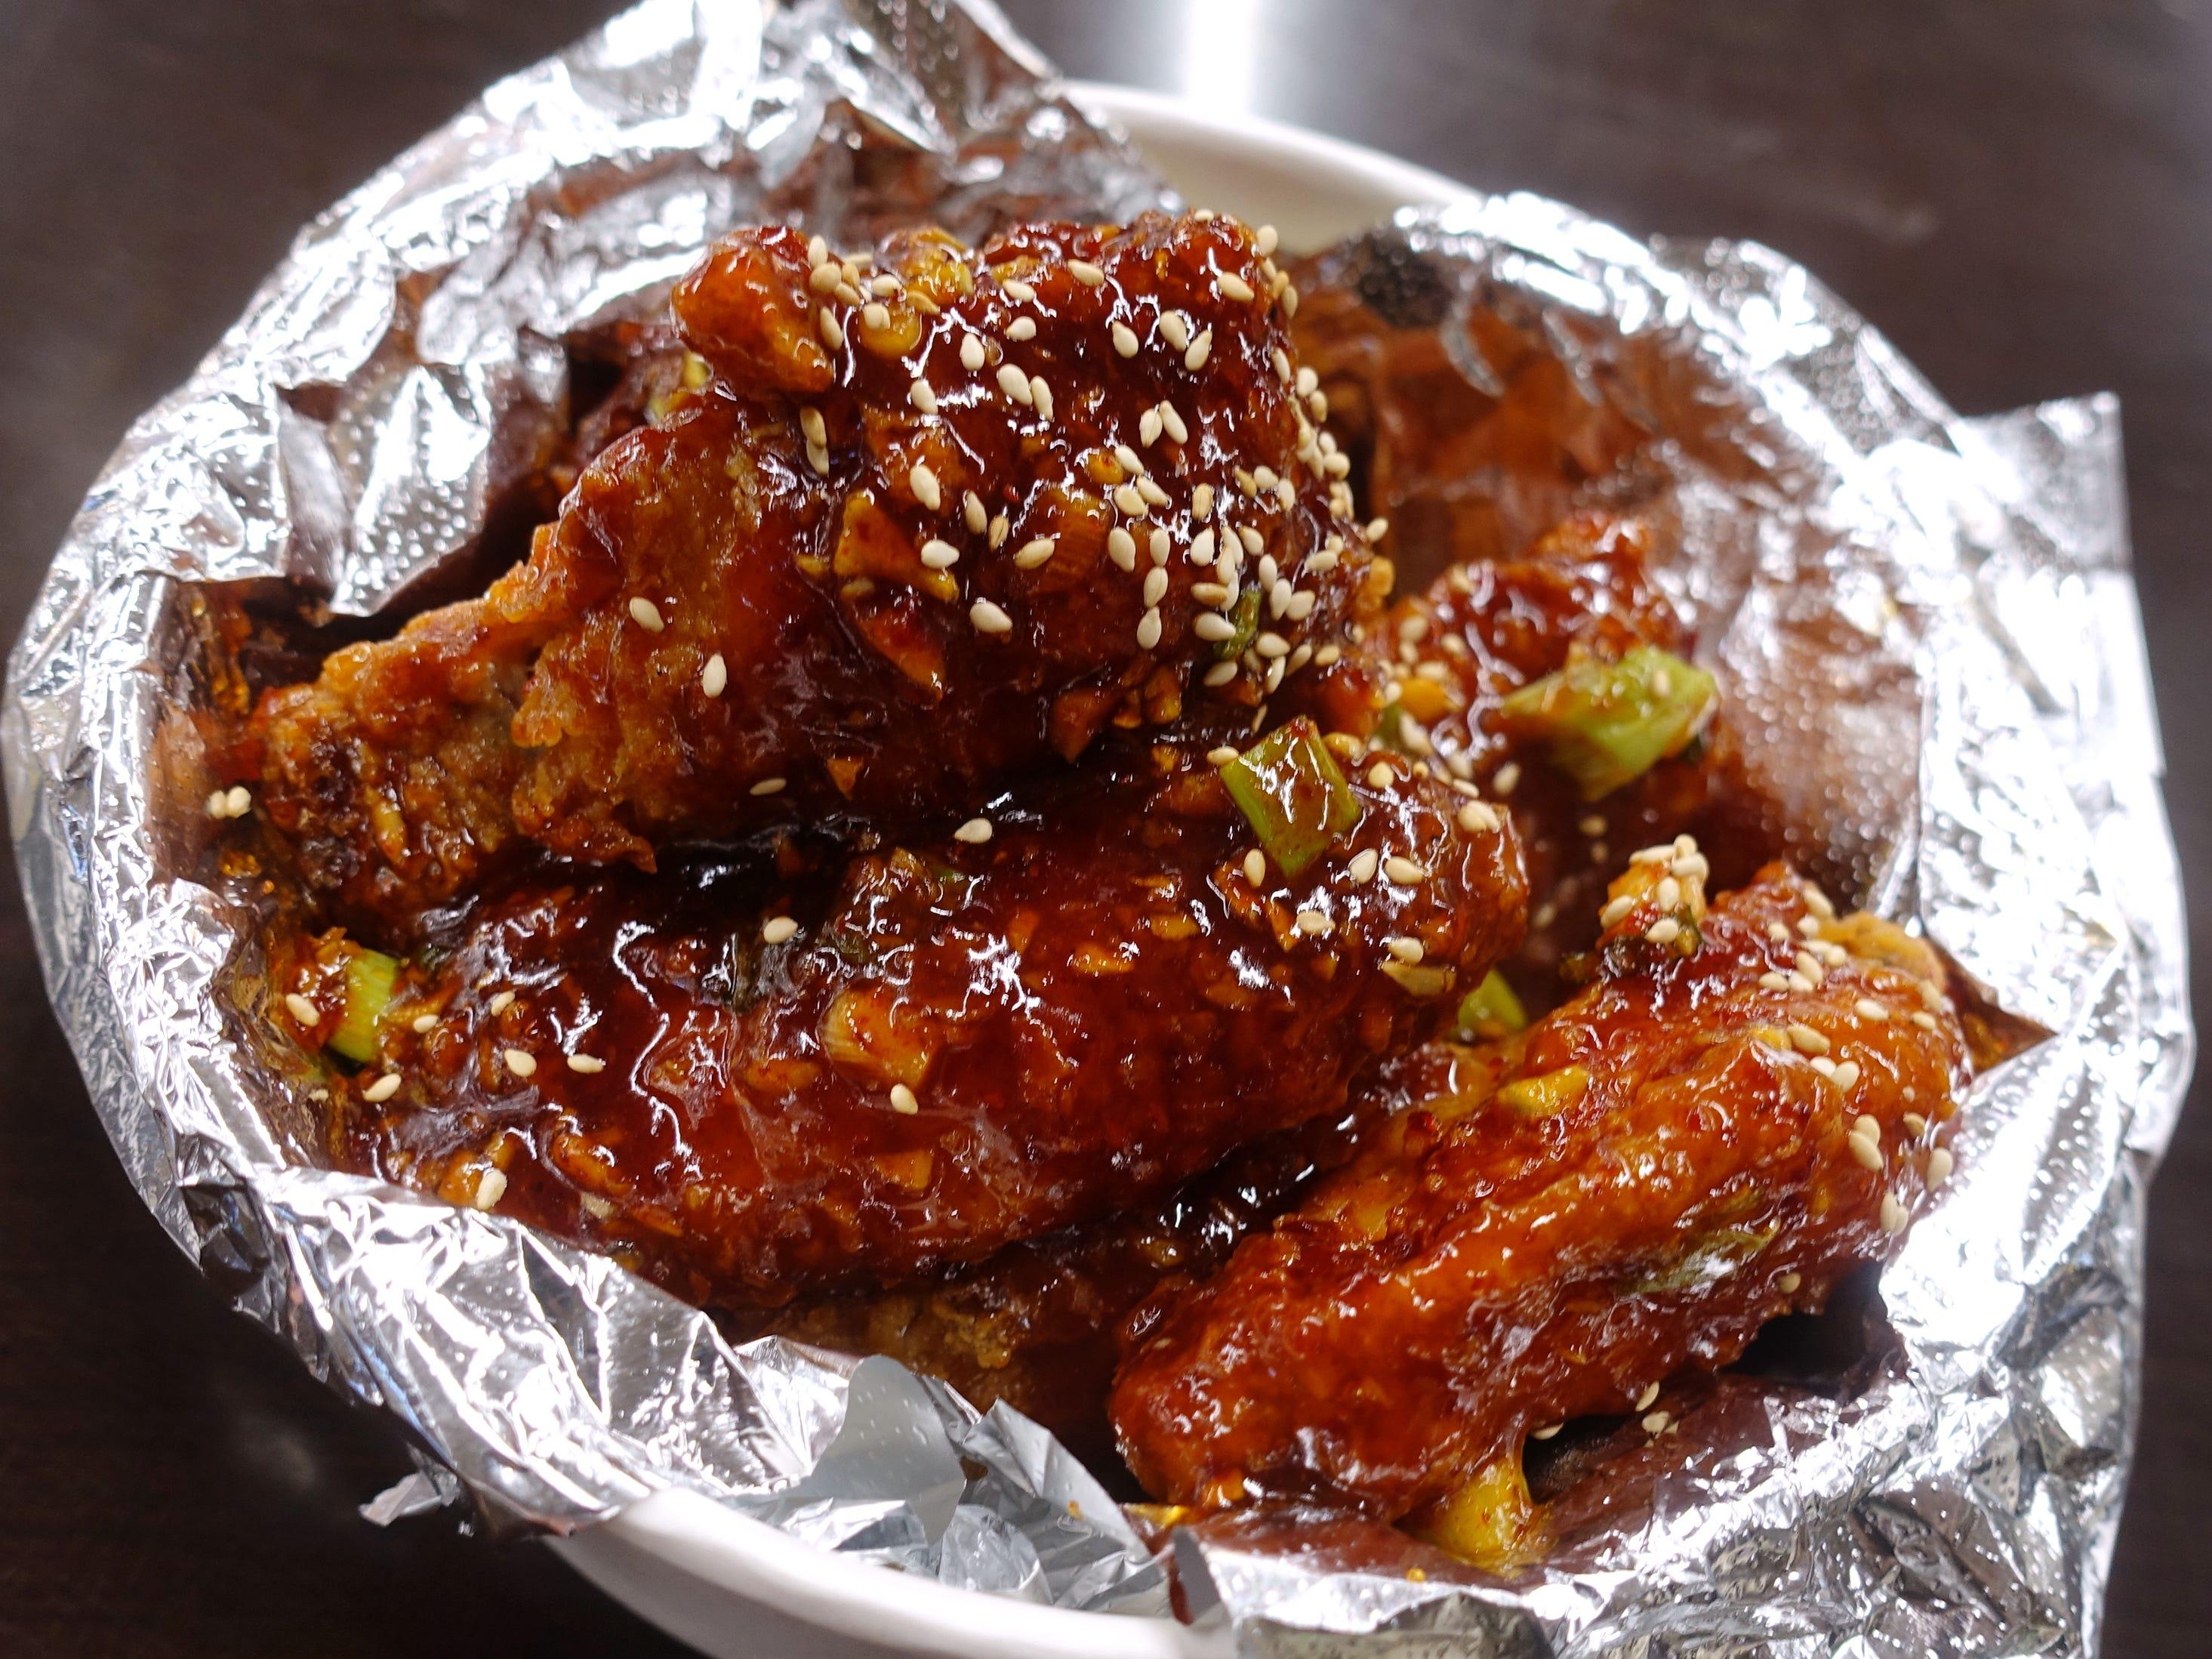 Spicy gochujang chicken wings at Katsu at Asiana Market in Mesa.